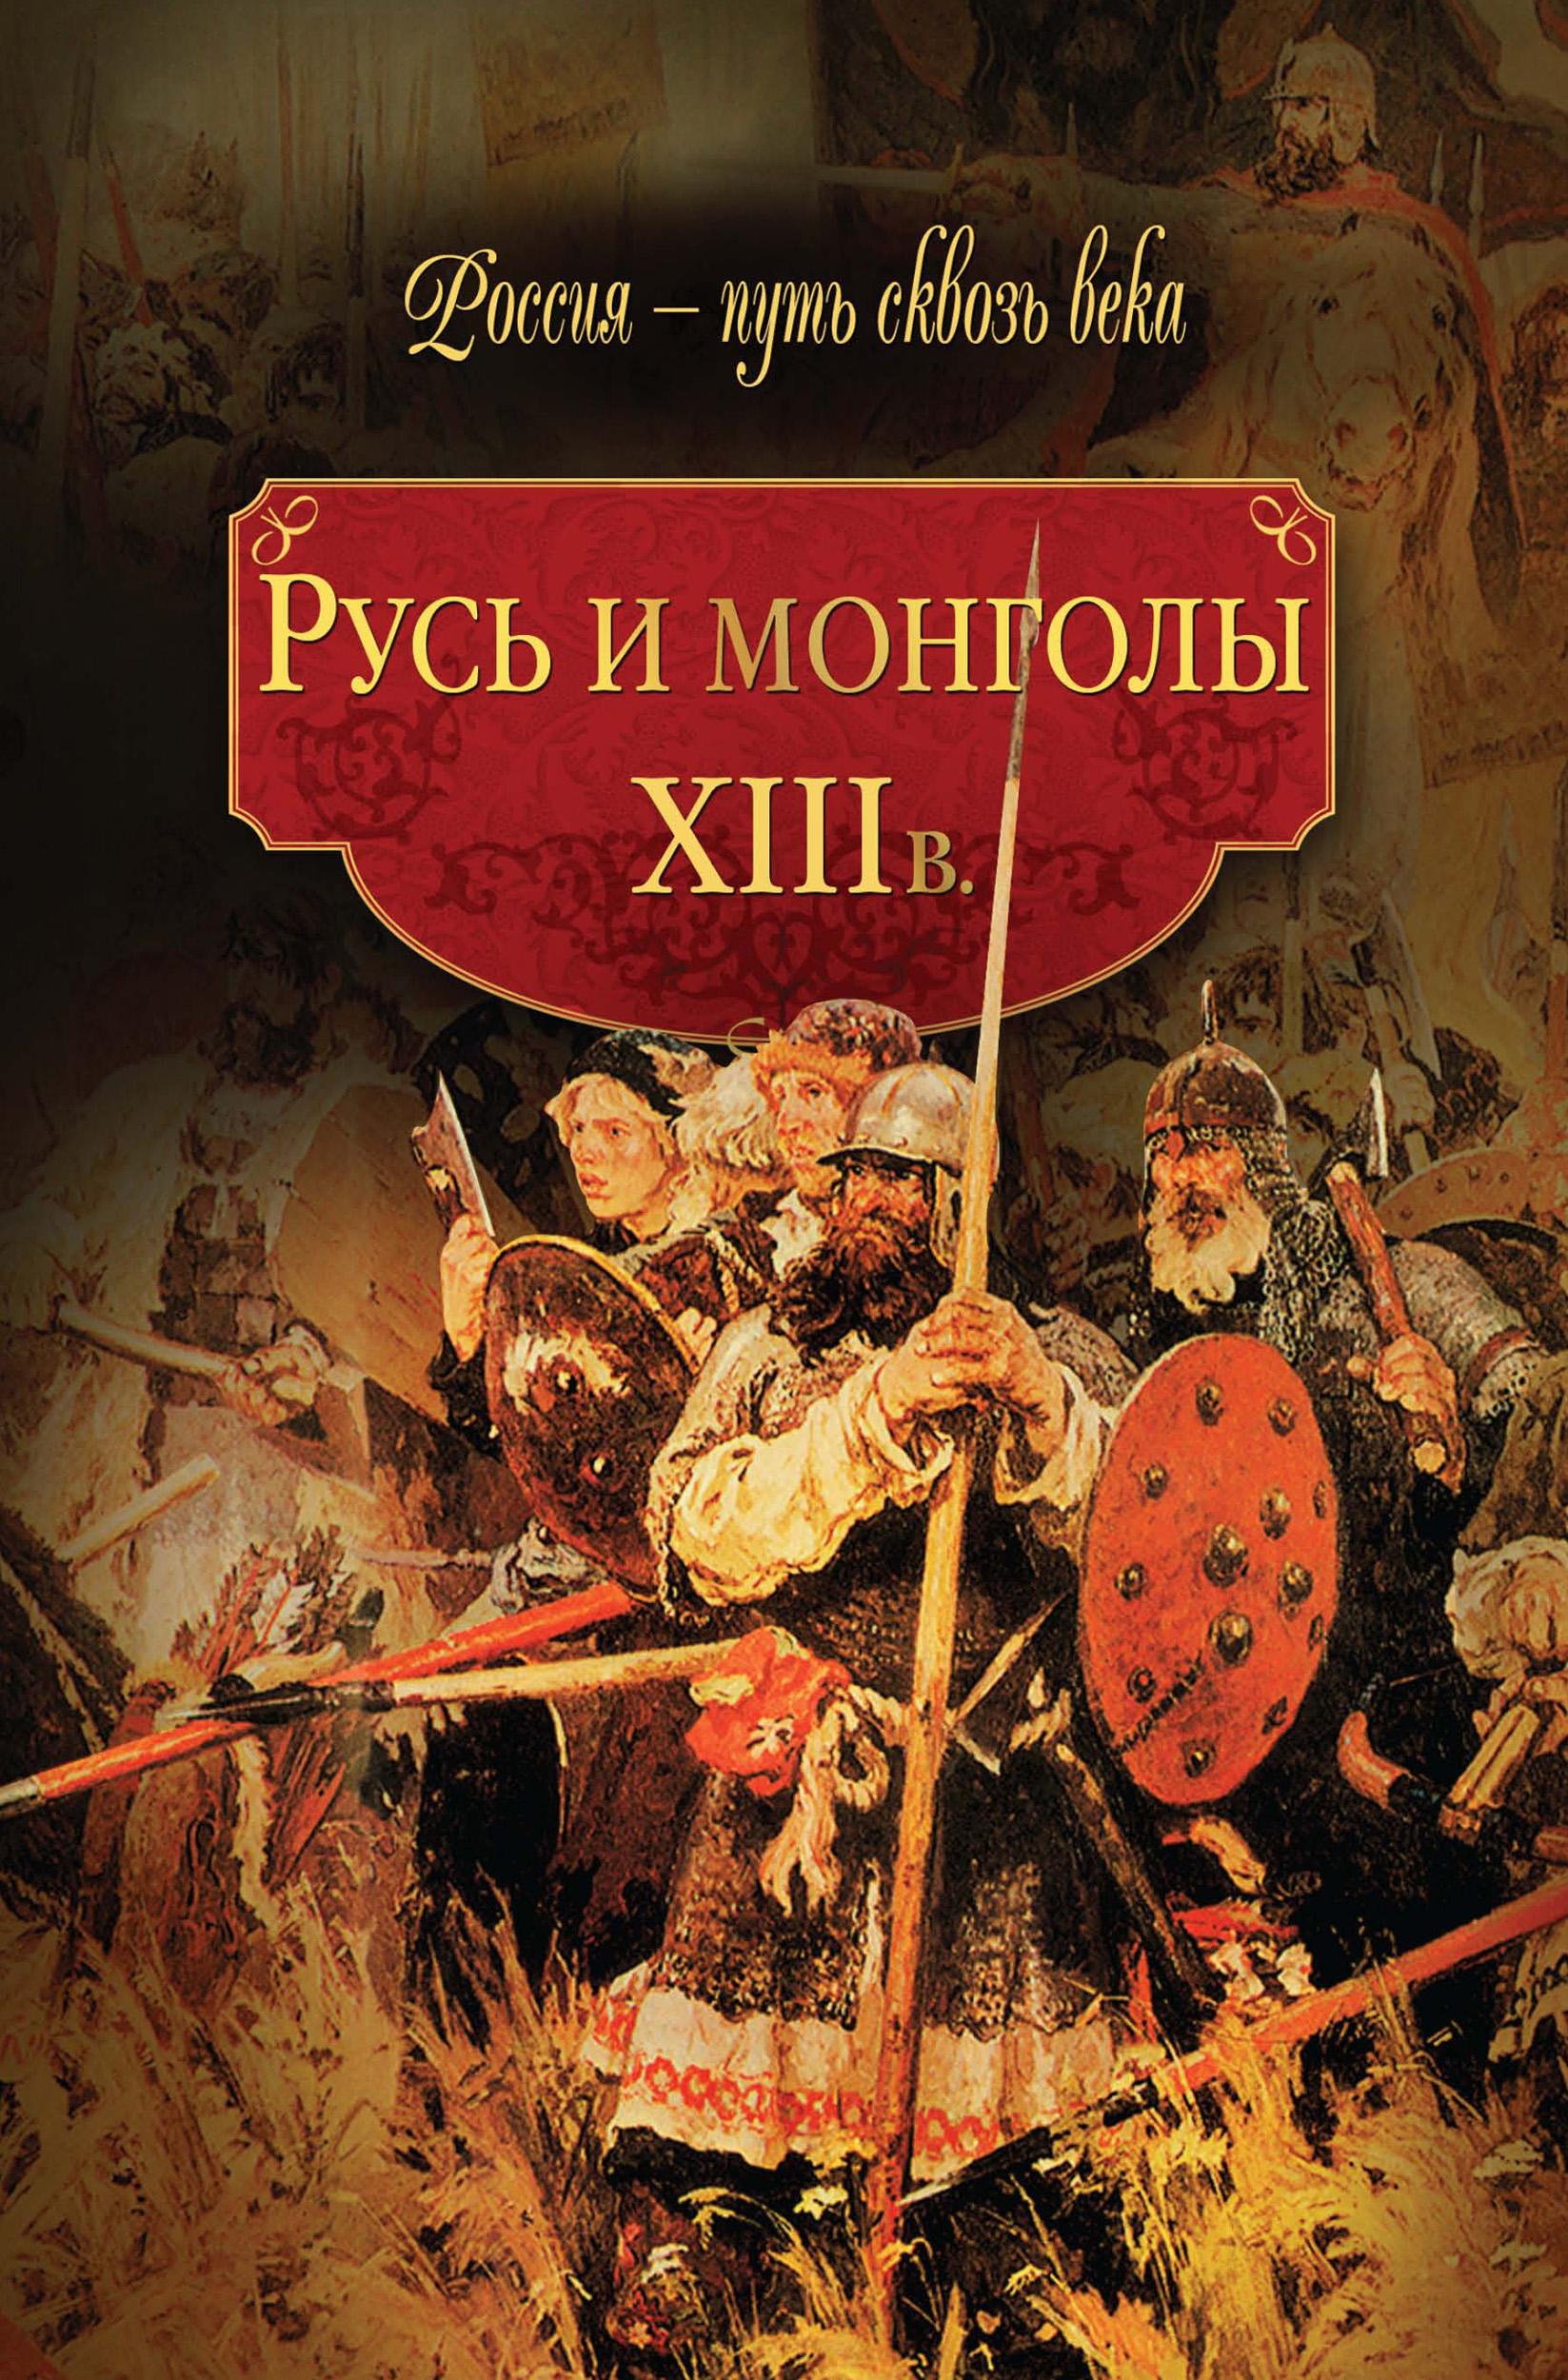 Коллектив авторов Русь и монголы. XIII в. вернадский г монголы и русь